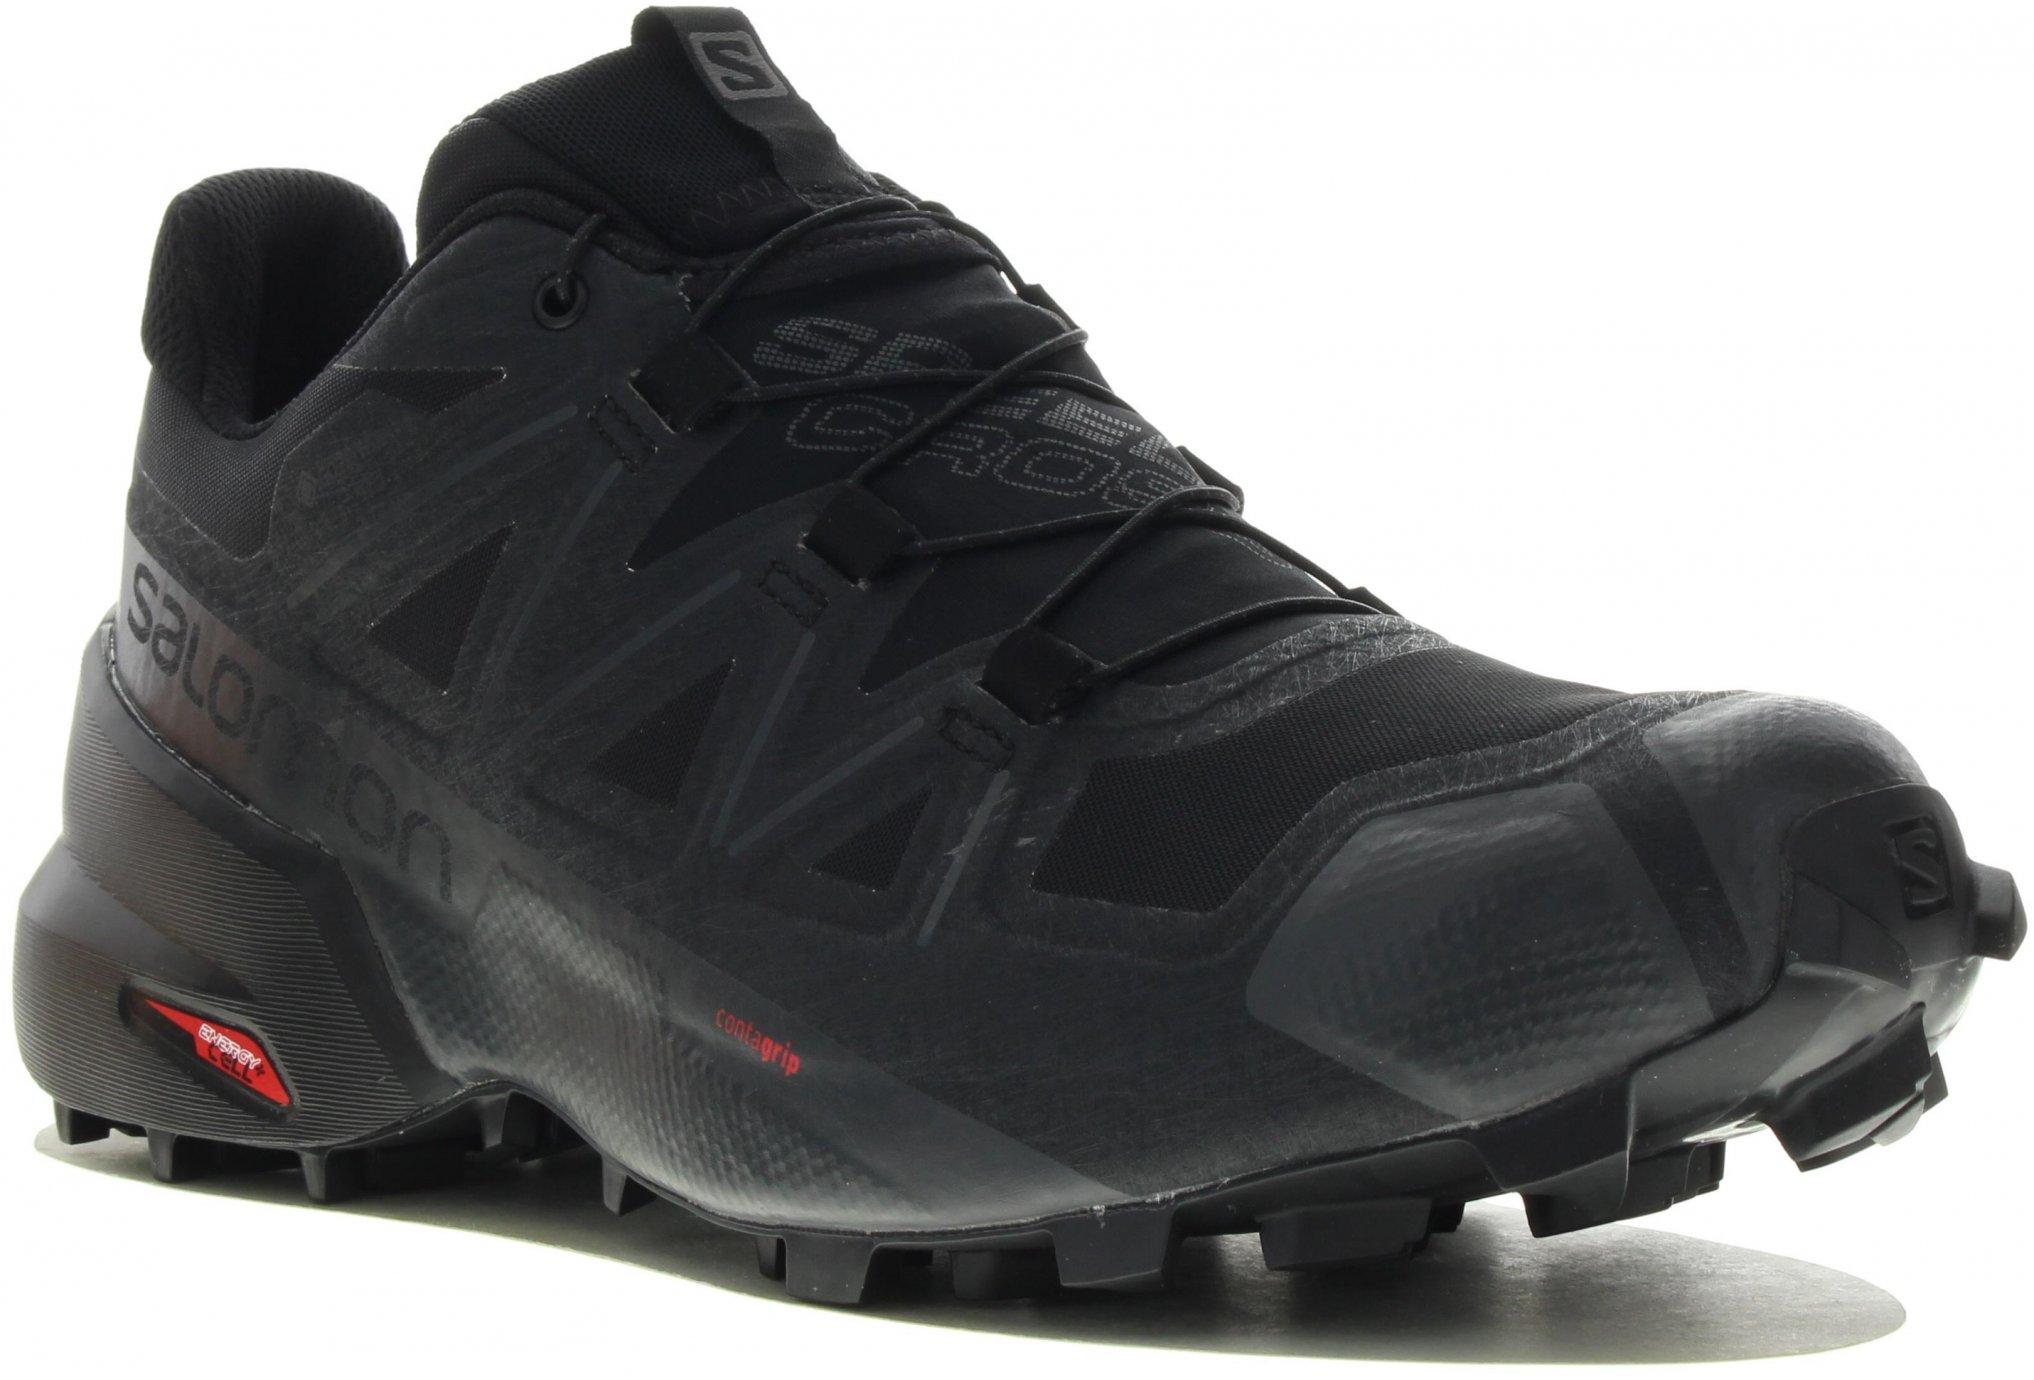 Salomon Speedcross 5 Gore-Tex W Diététique Chaussures femme